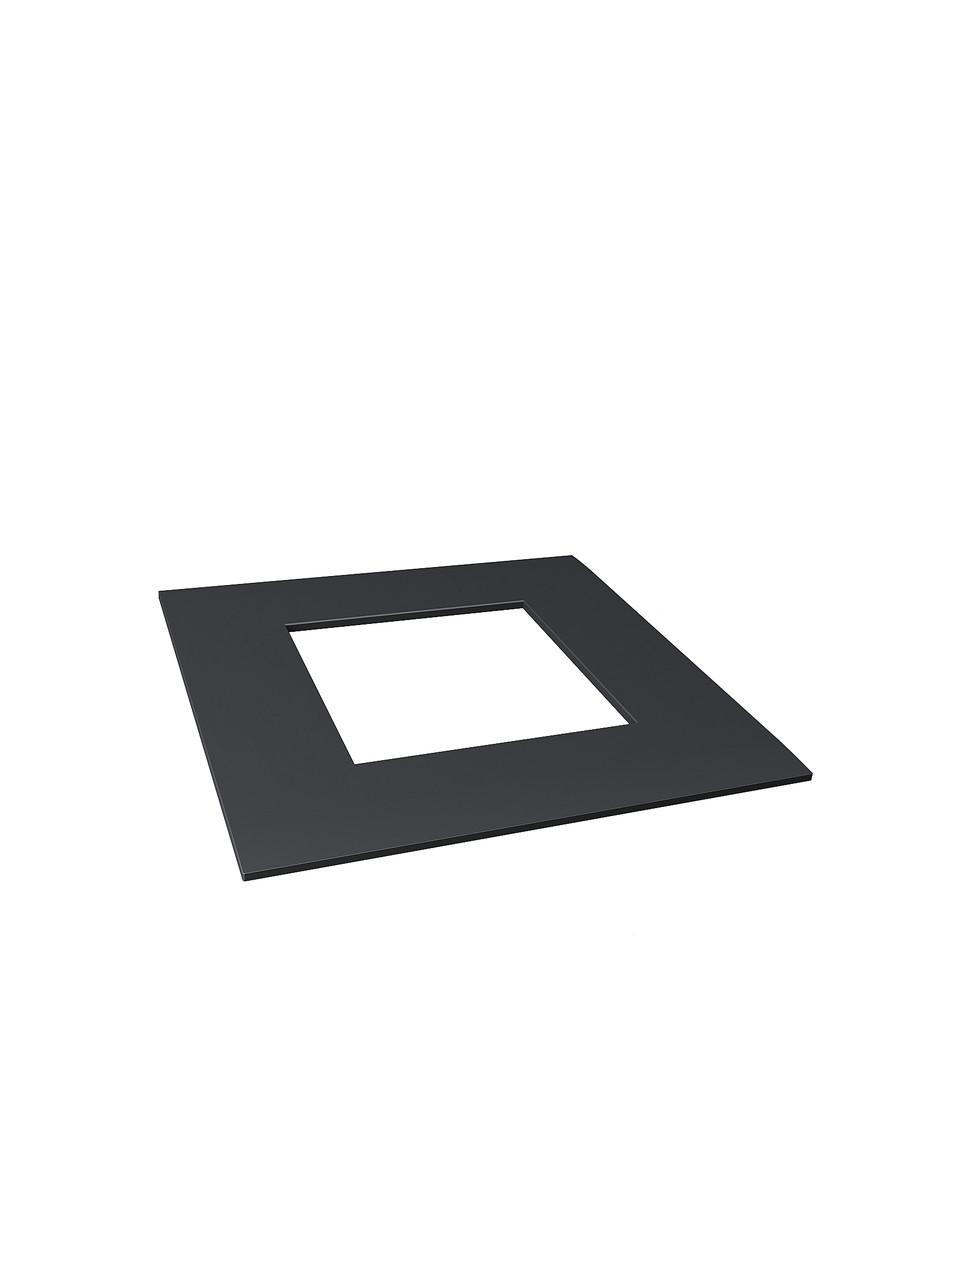 ODF-02-15-21 декоративна Кришка плоска на стійку 40х40, чорна